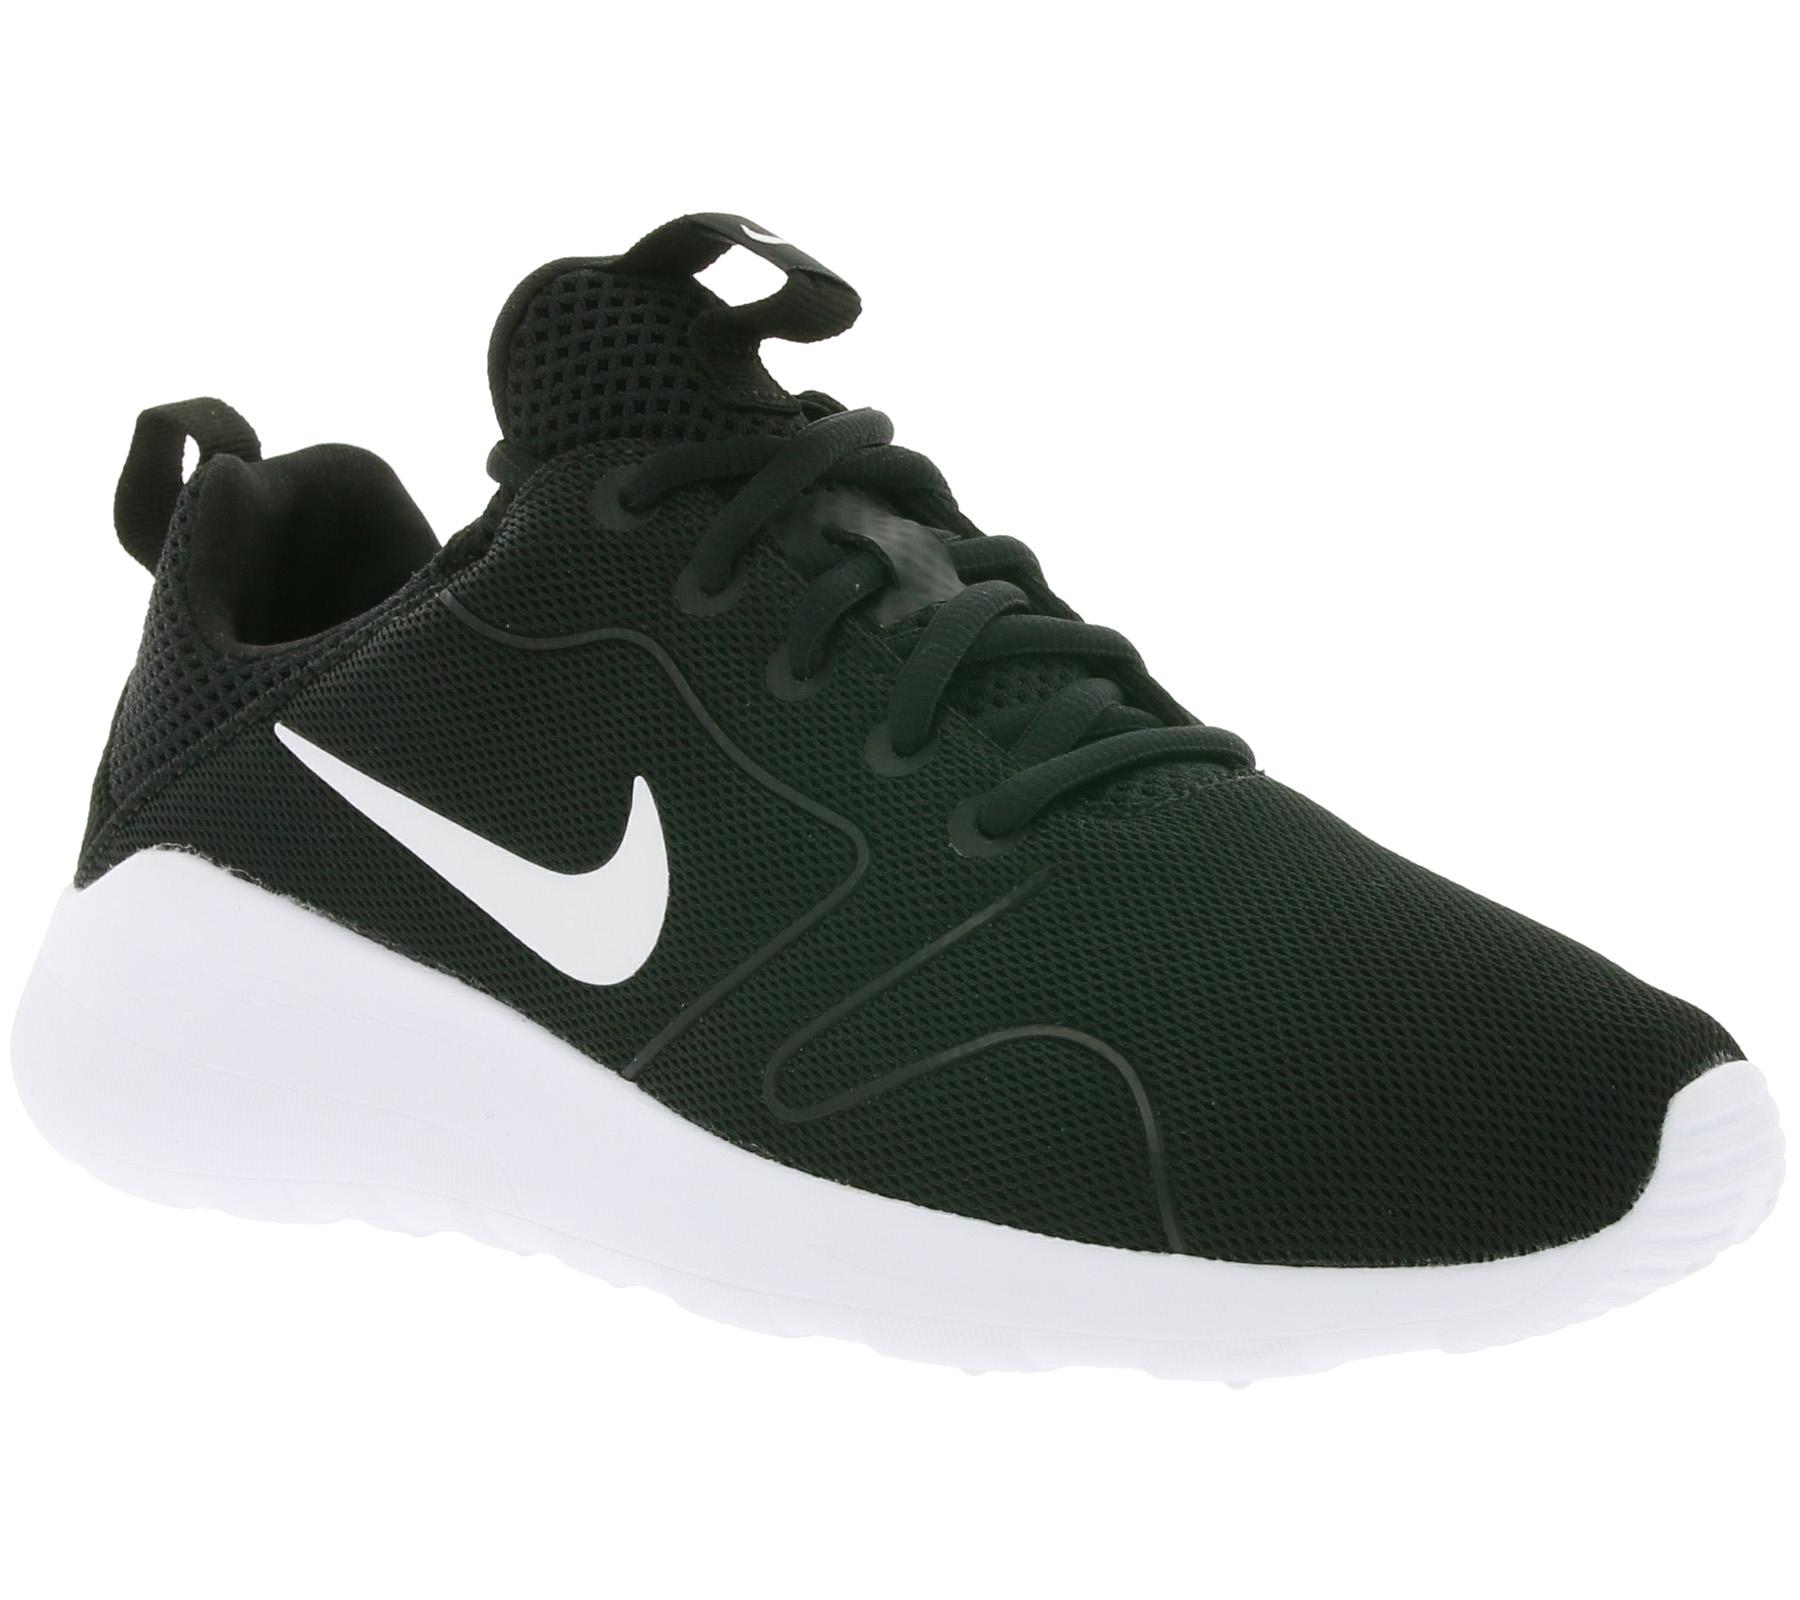 Nike WMNS Kaishi 2.0 za ~145zł z dostawą @ Outlet64